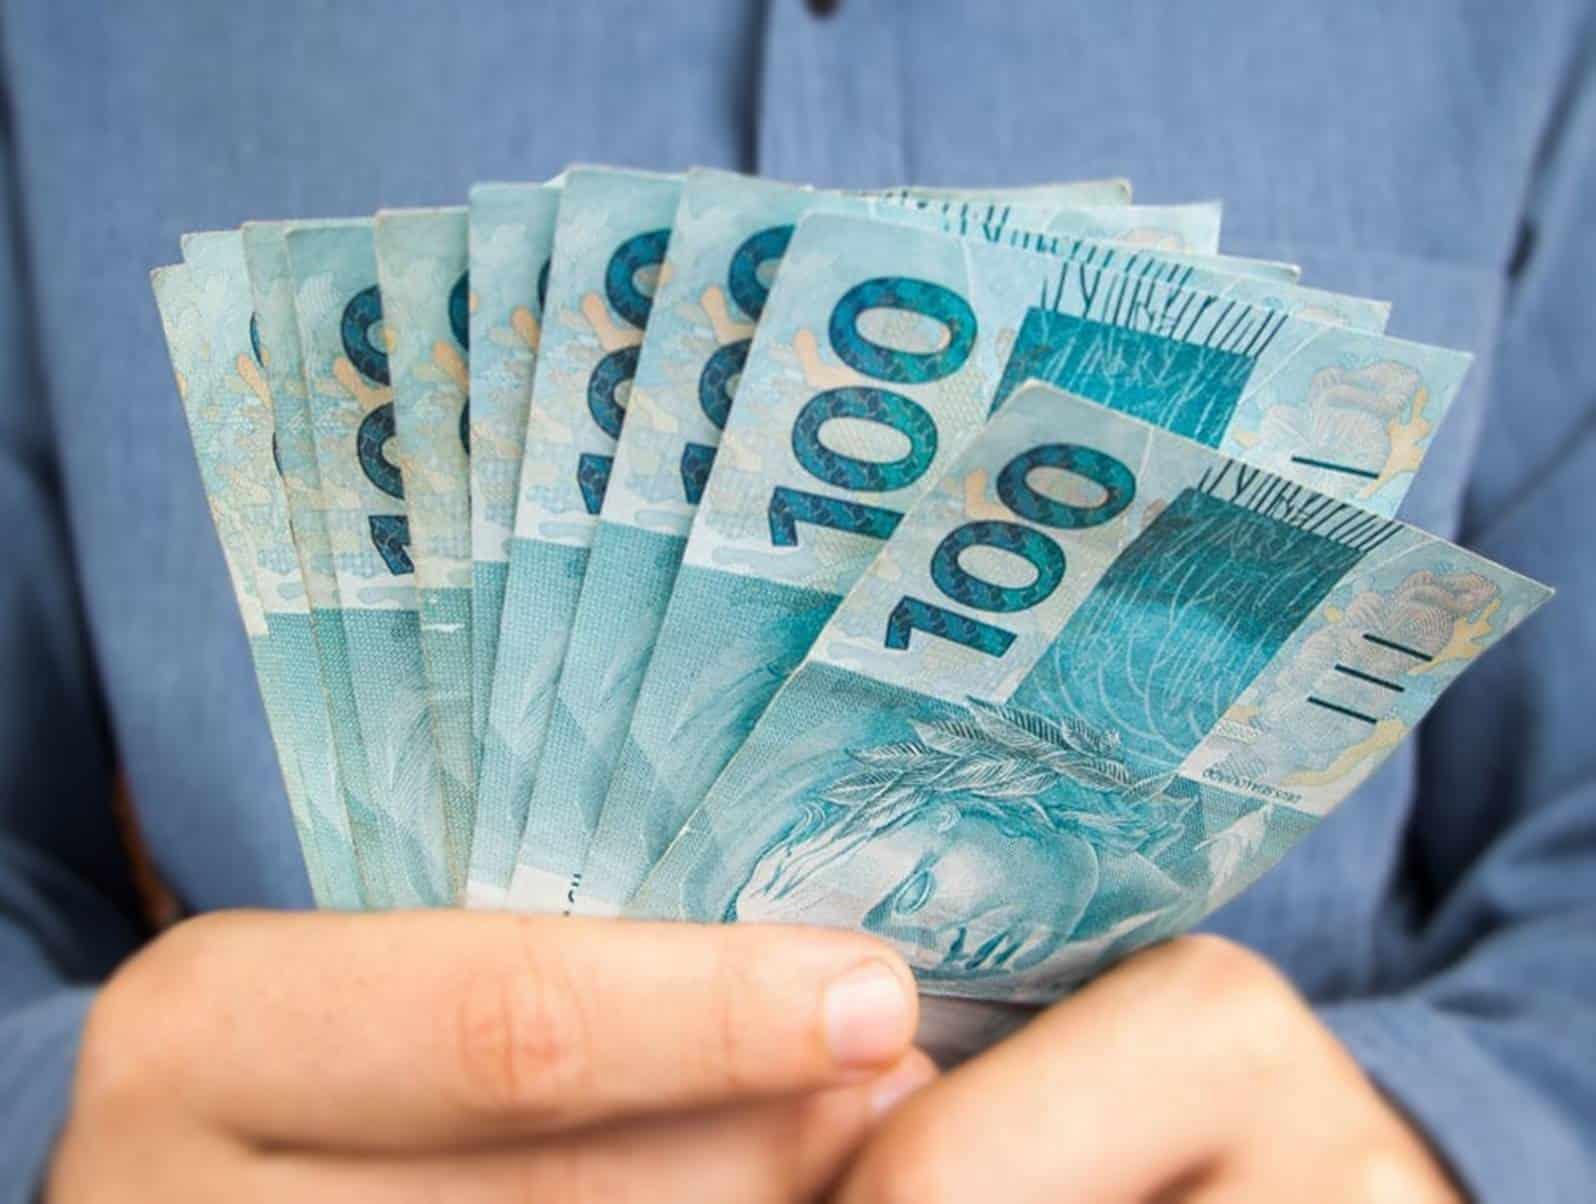 Governo antecipa pagamento do PIS/Pasep para todos os trabalhadores